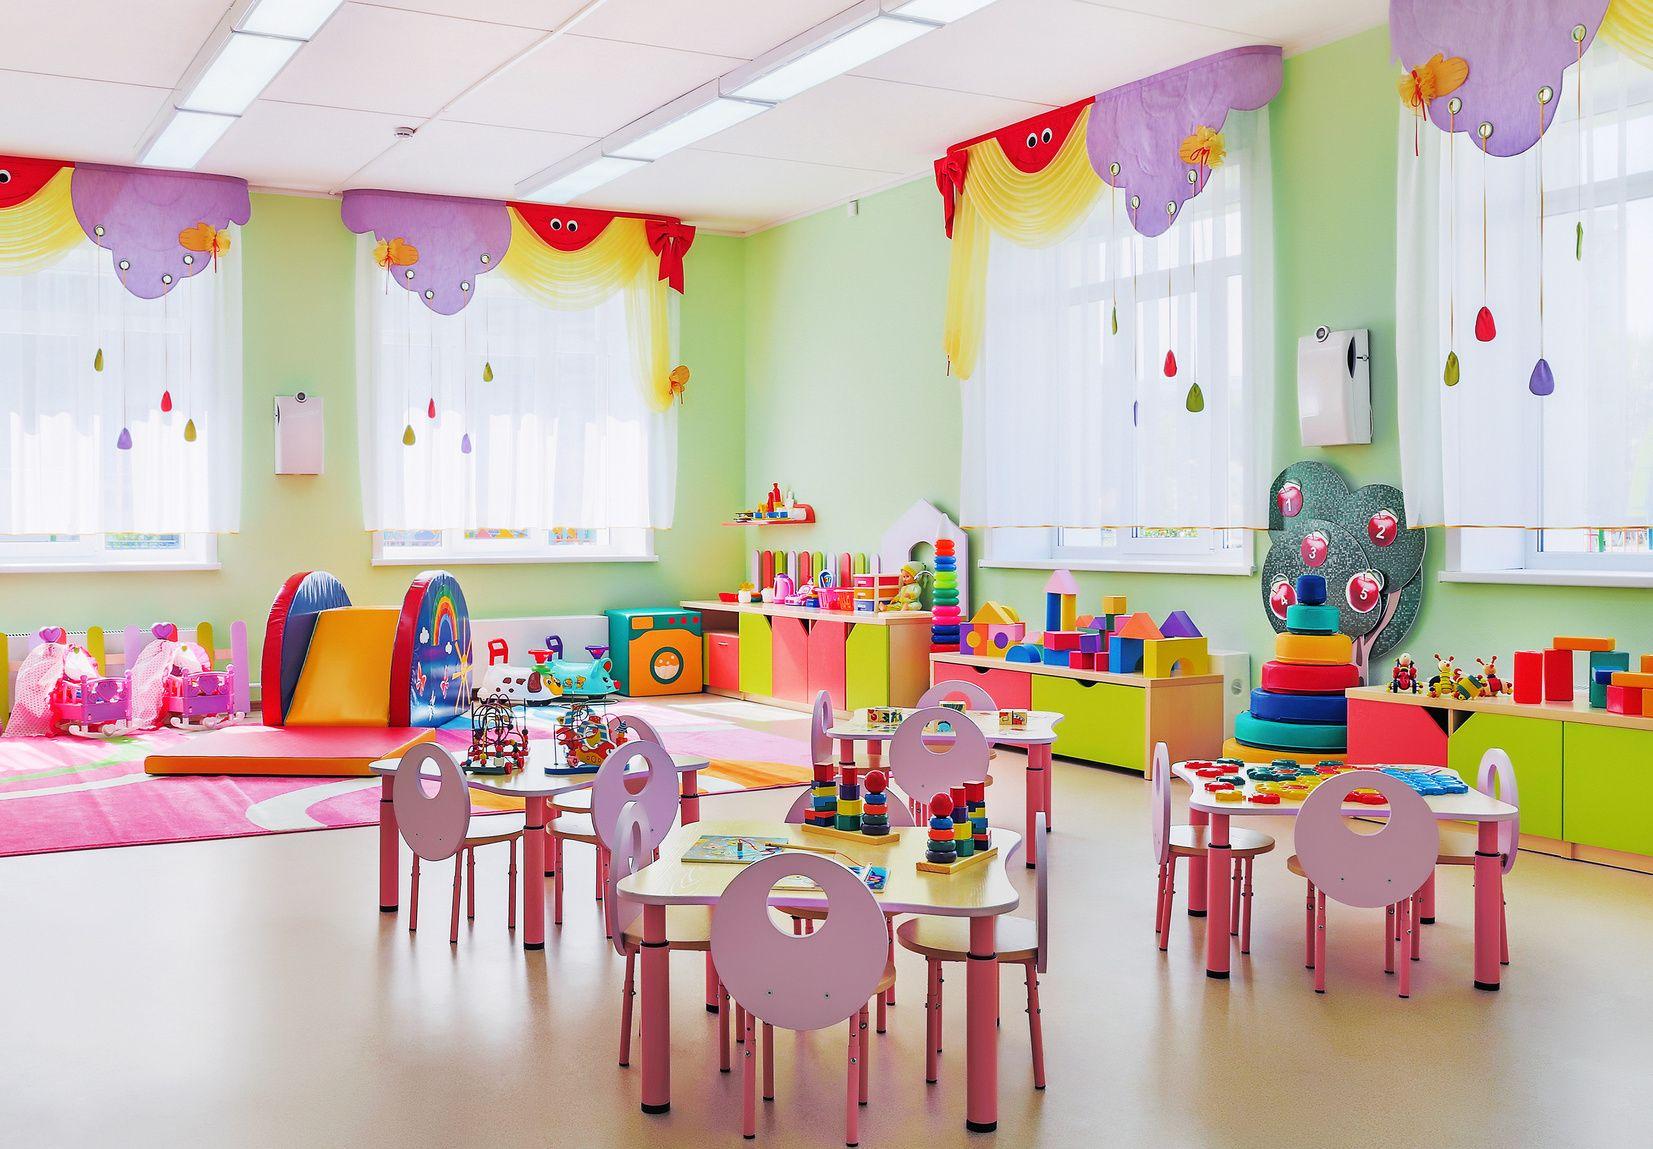 Machen Sie Kita Raume U3 Kinder Kompatibel Kita Raume Klassenzimmer Gestalten Kindergarten Spiele